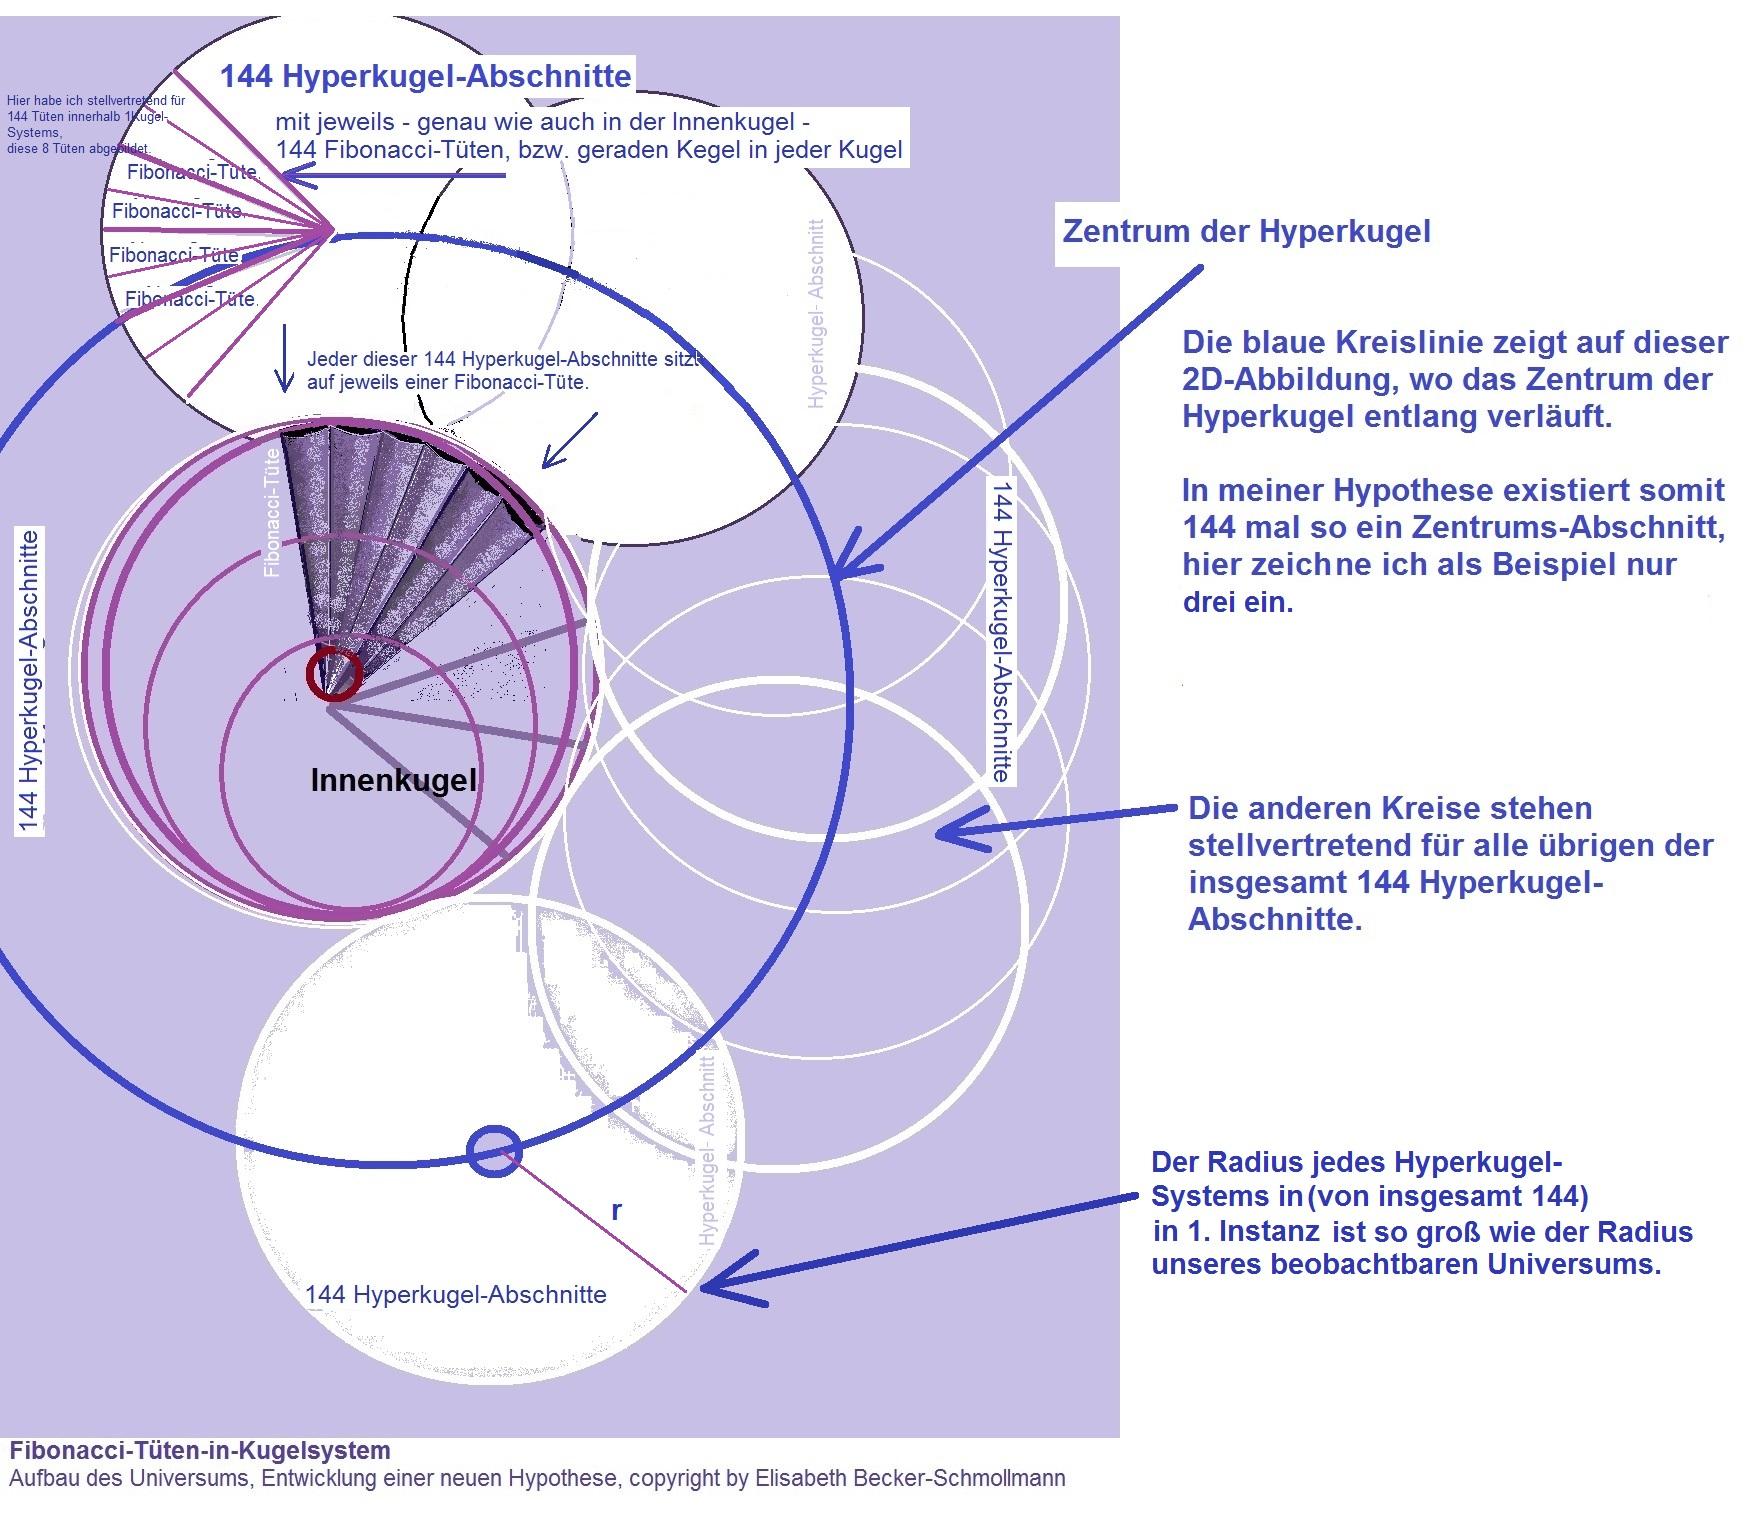 Aufbau des Universums gemäß einer Hypothese von Elisabeth Becker-Schmollmann, Hyperkugel-2-Monopole-System